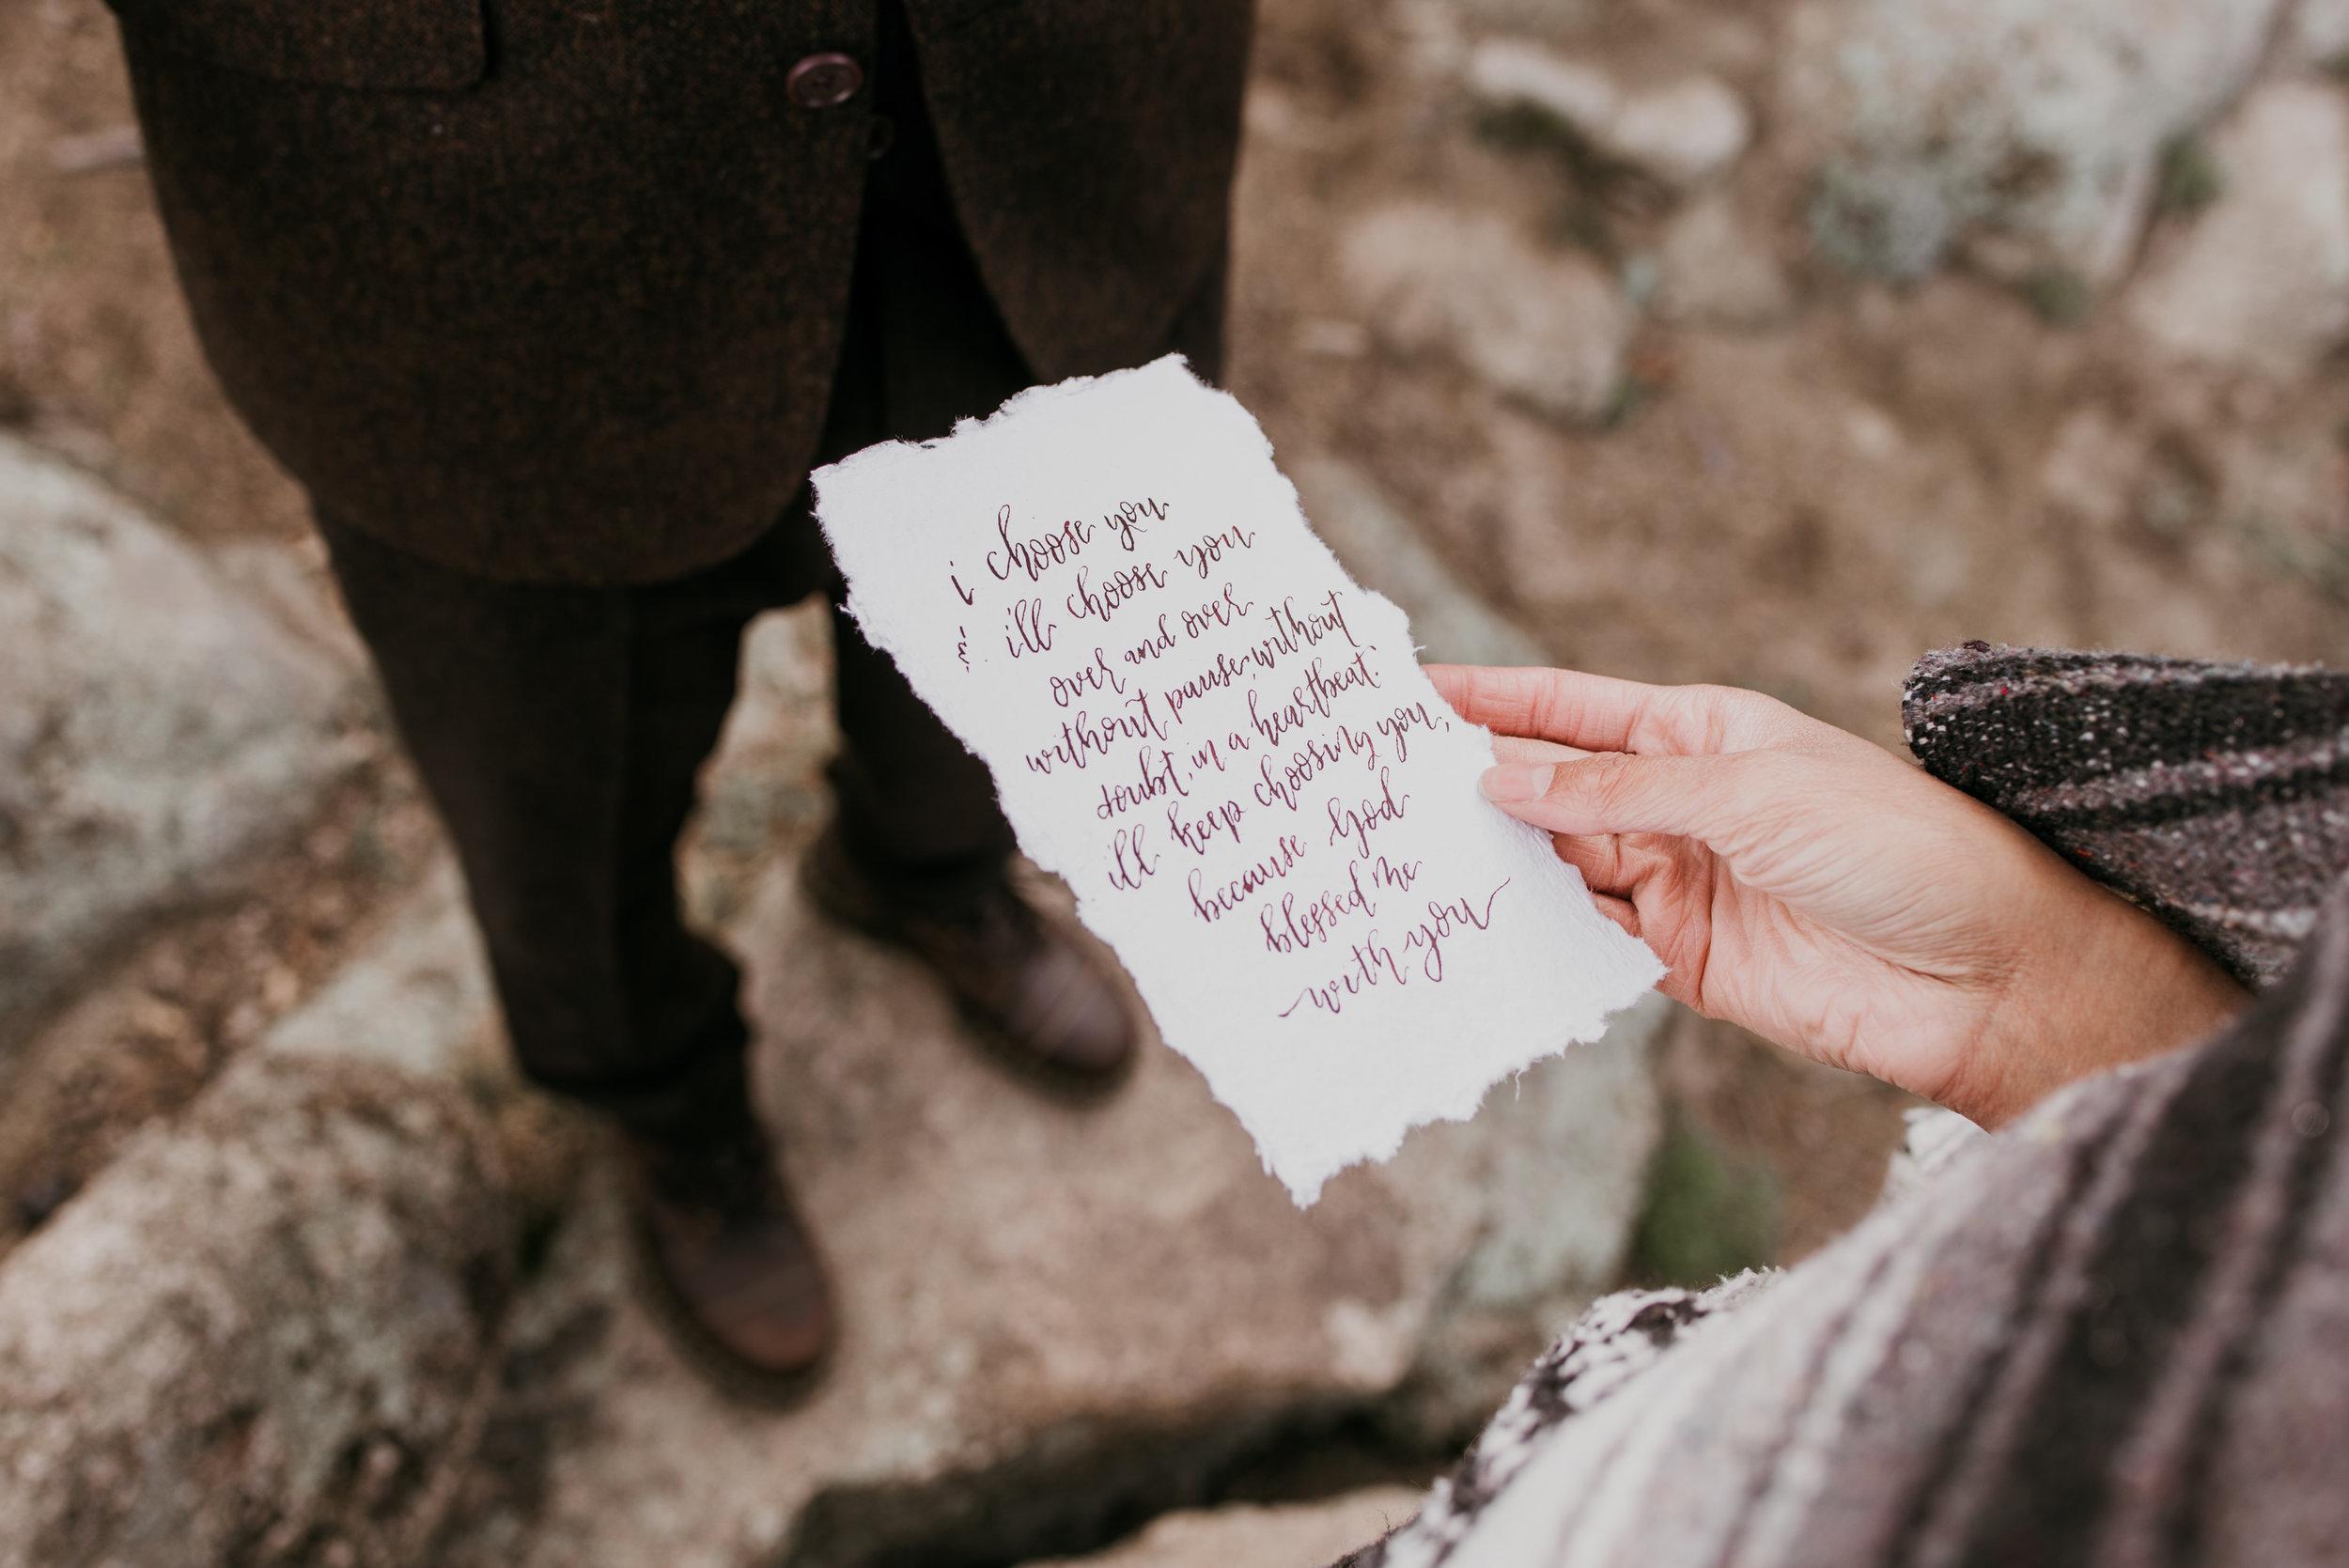 This photo shows handwritten vows in dark red ink, written on torn edge parchment.